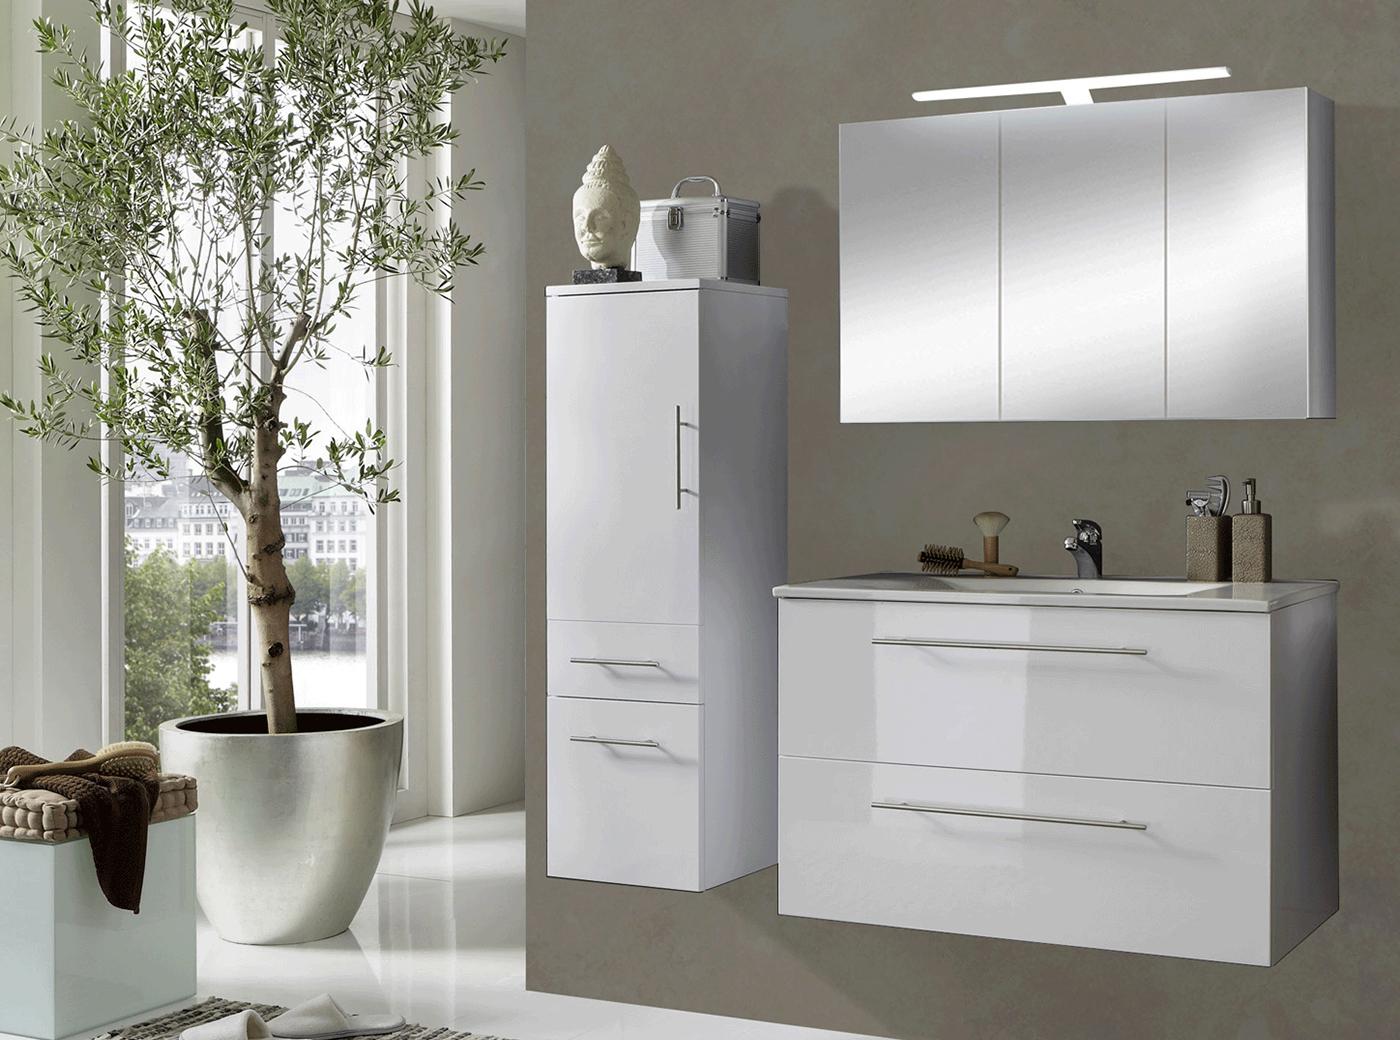 sam 3tlg badezimmer set wei 90 cm rimini g nstig. Black Bedroom Furniture Sets. Home Design Ideas